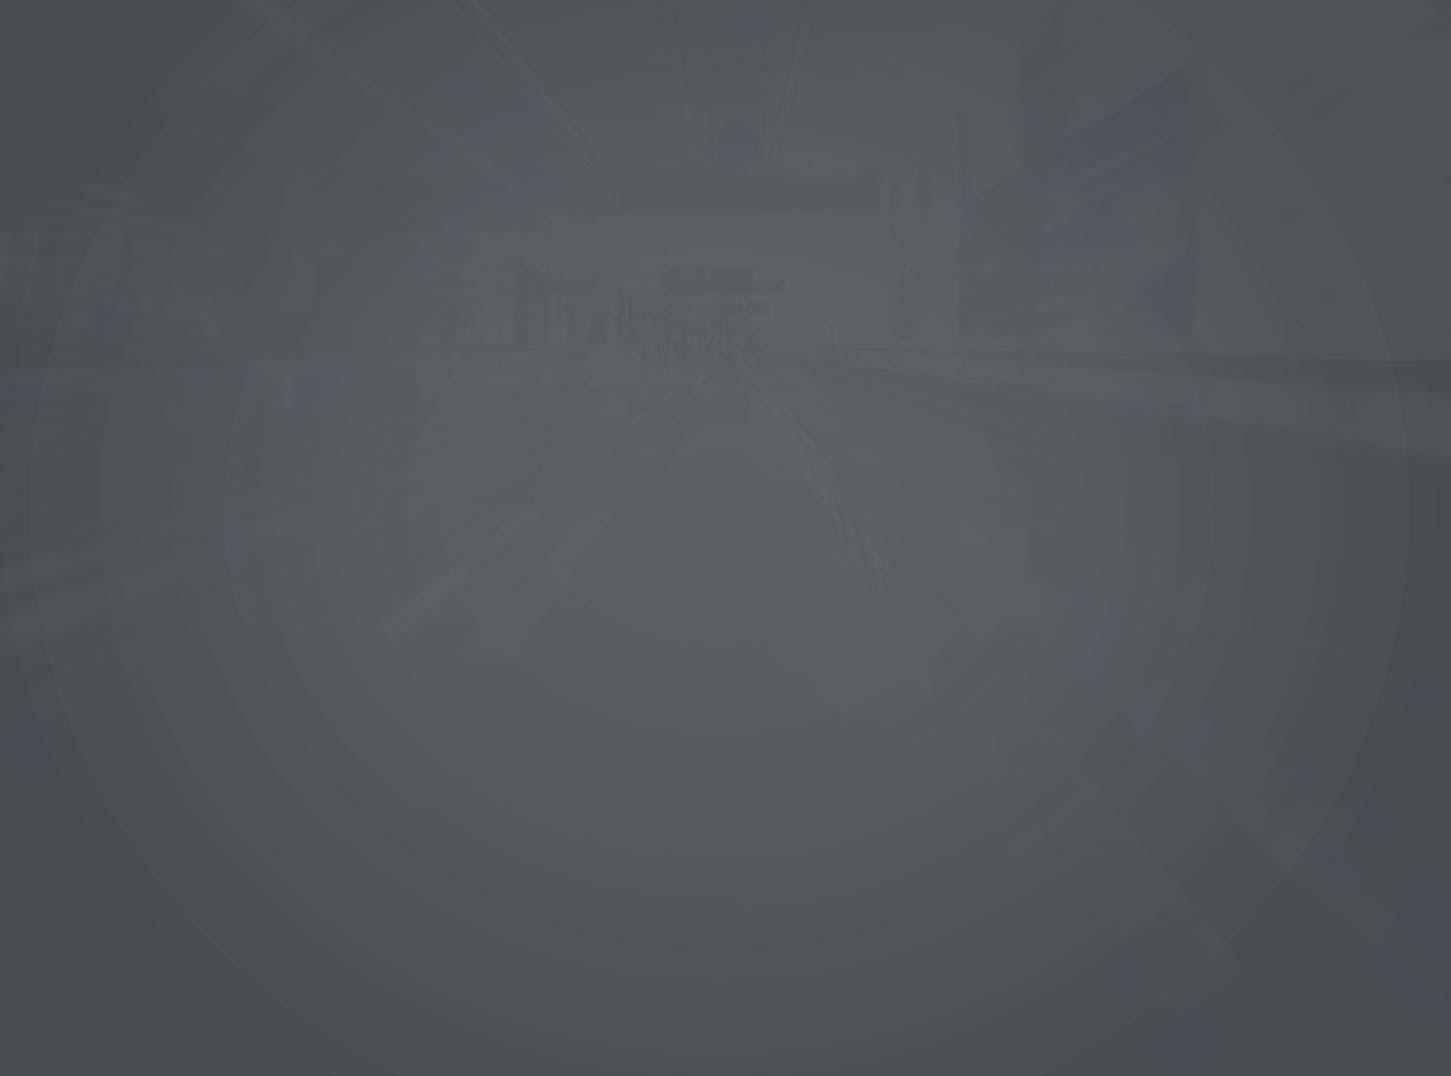 Francotyp-Postalia sfondo grey